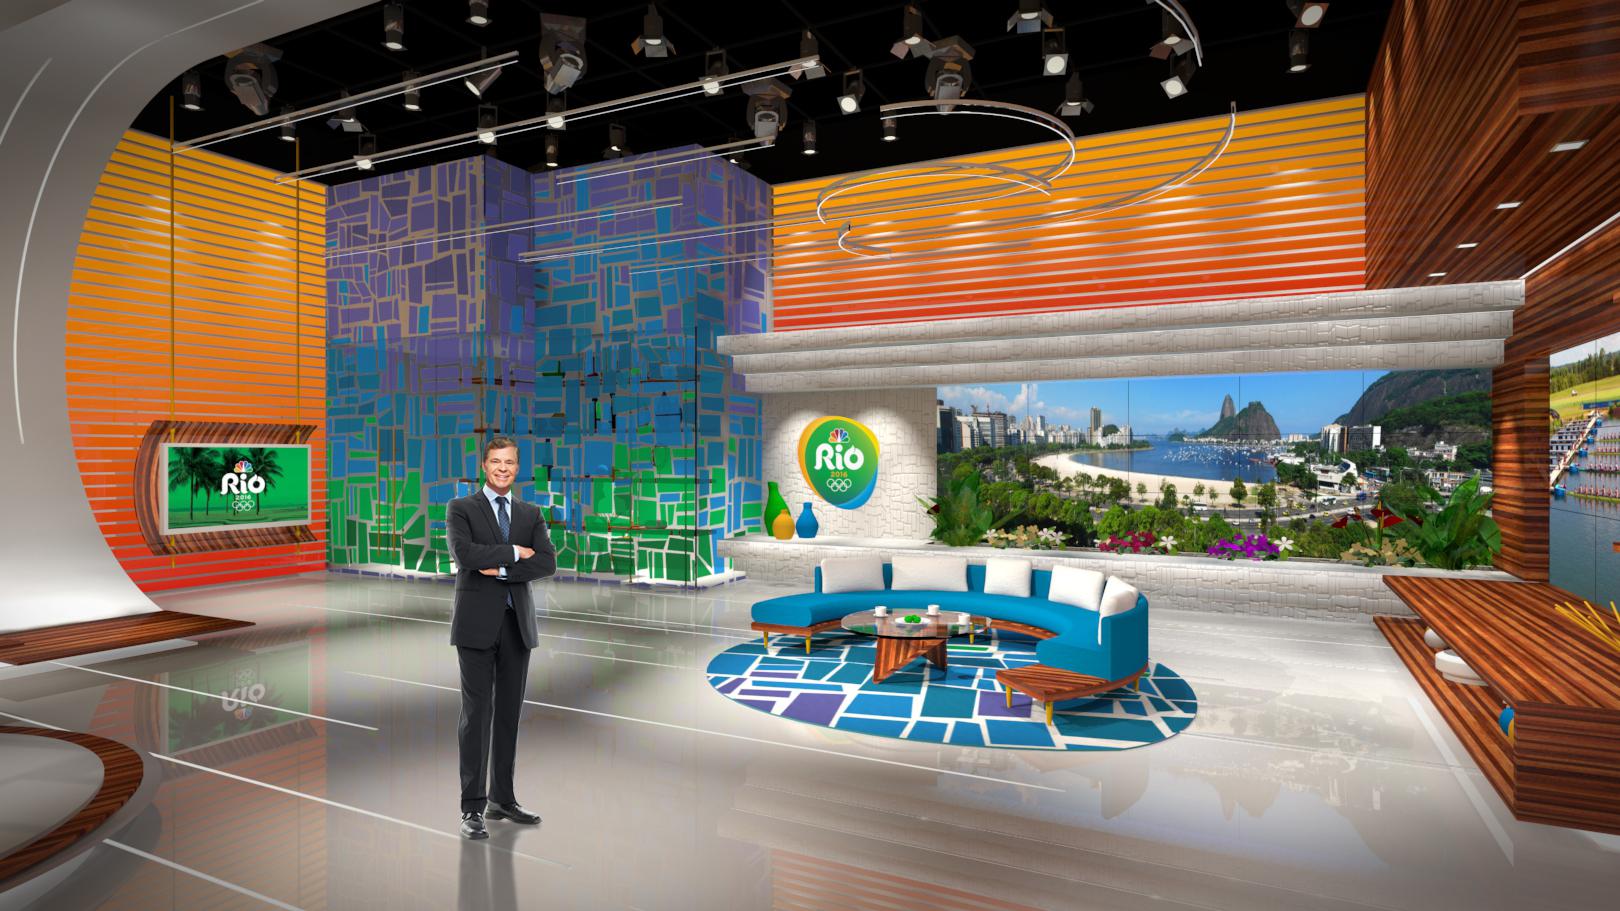 ncs_NBC-Olympics-Studio-Rio_0026